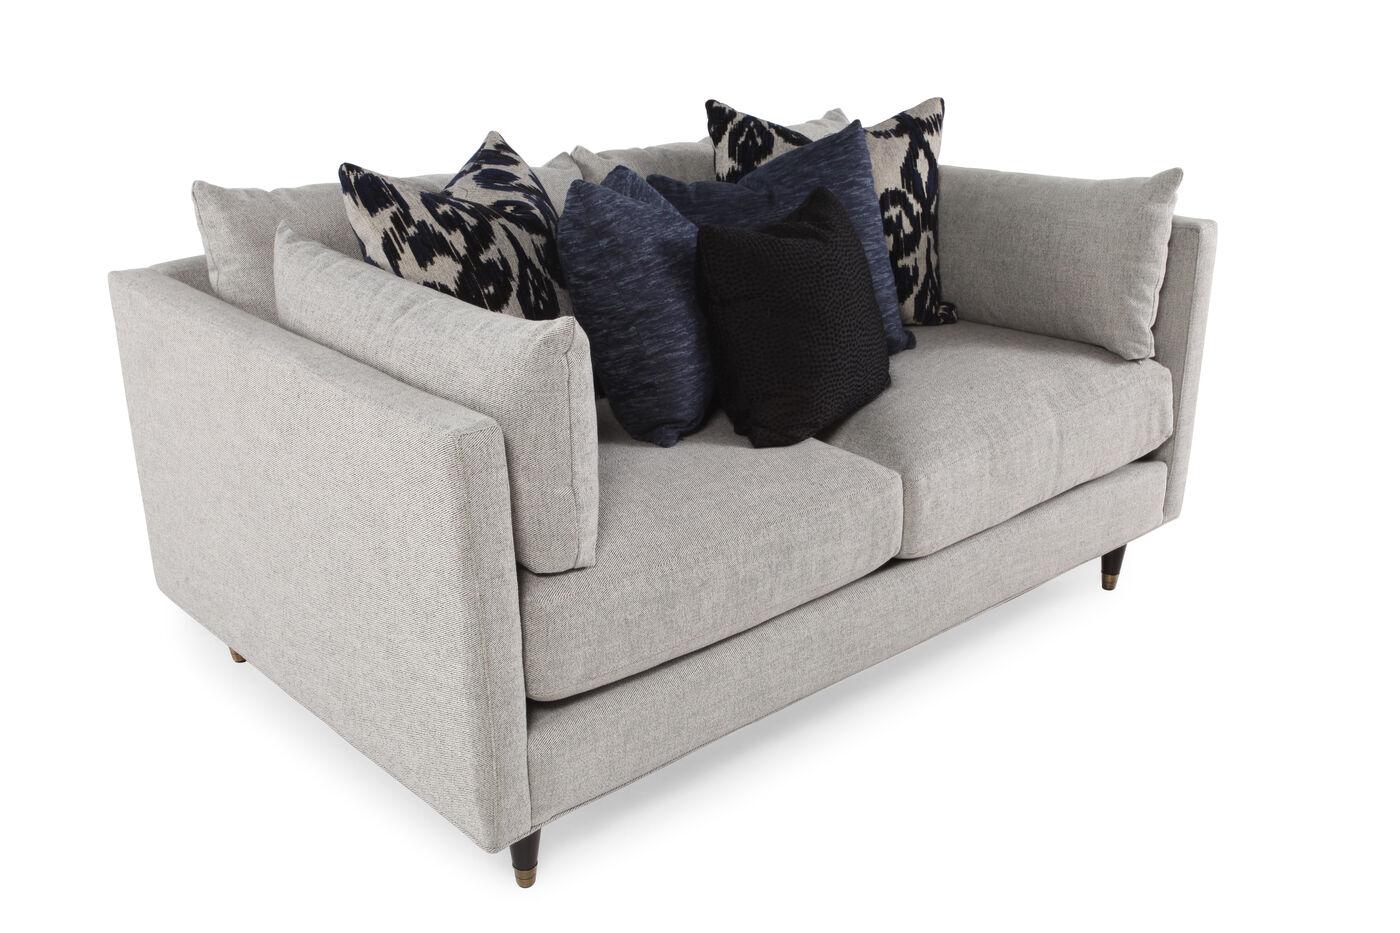 Low Profile 70 Sofa In Stone